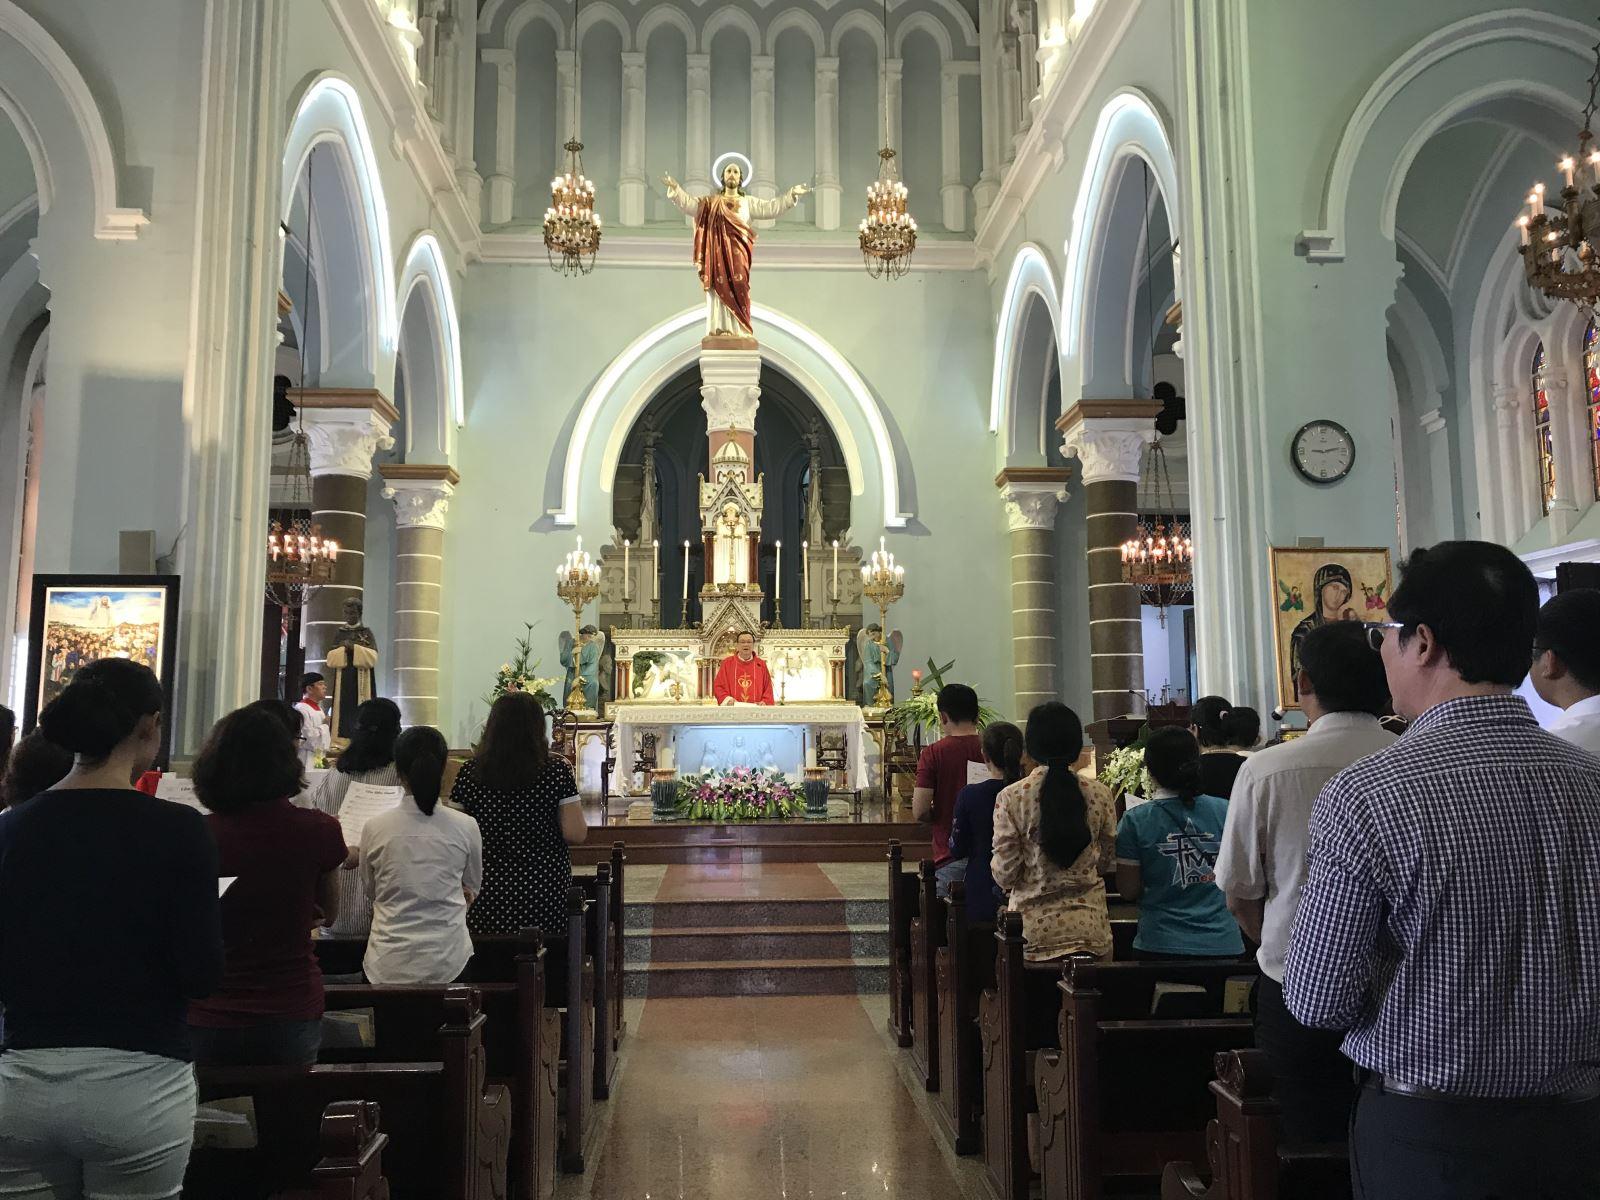 HVMV: Sinh hoạt Ngoại khóa tại Nhà thờ Chợ Đũi (3.11.2018 )